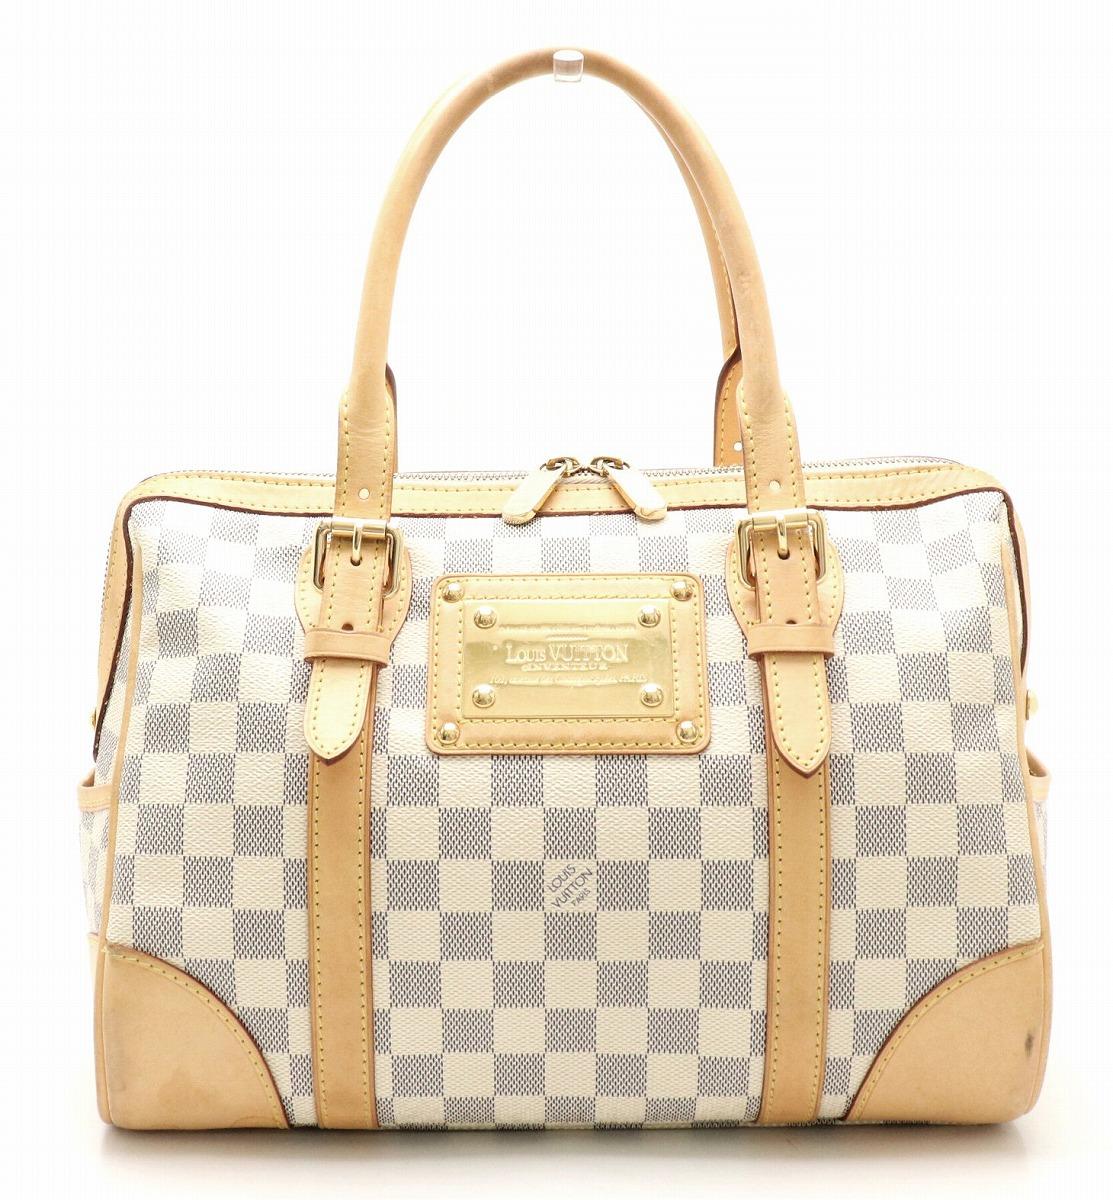 【バッグ】LOUIS VUITTON ルイ ヴィトン ダミエアズール バークレー ハンドバッグ ミニボストンバッグ N52001 【中古】【k】